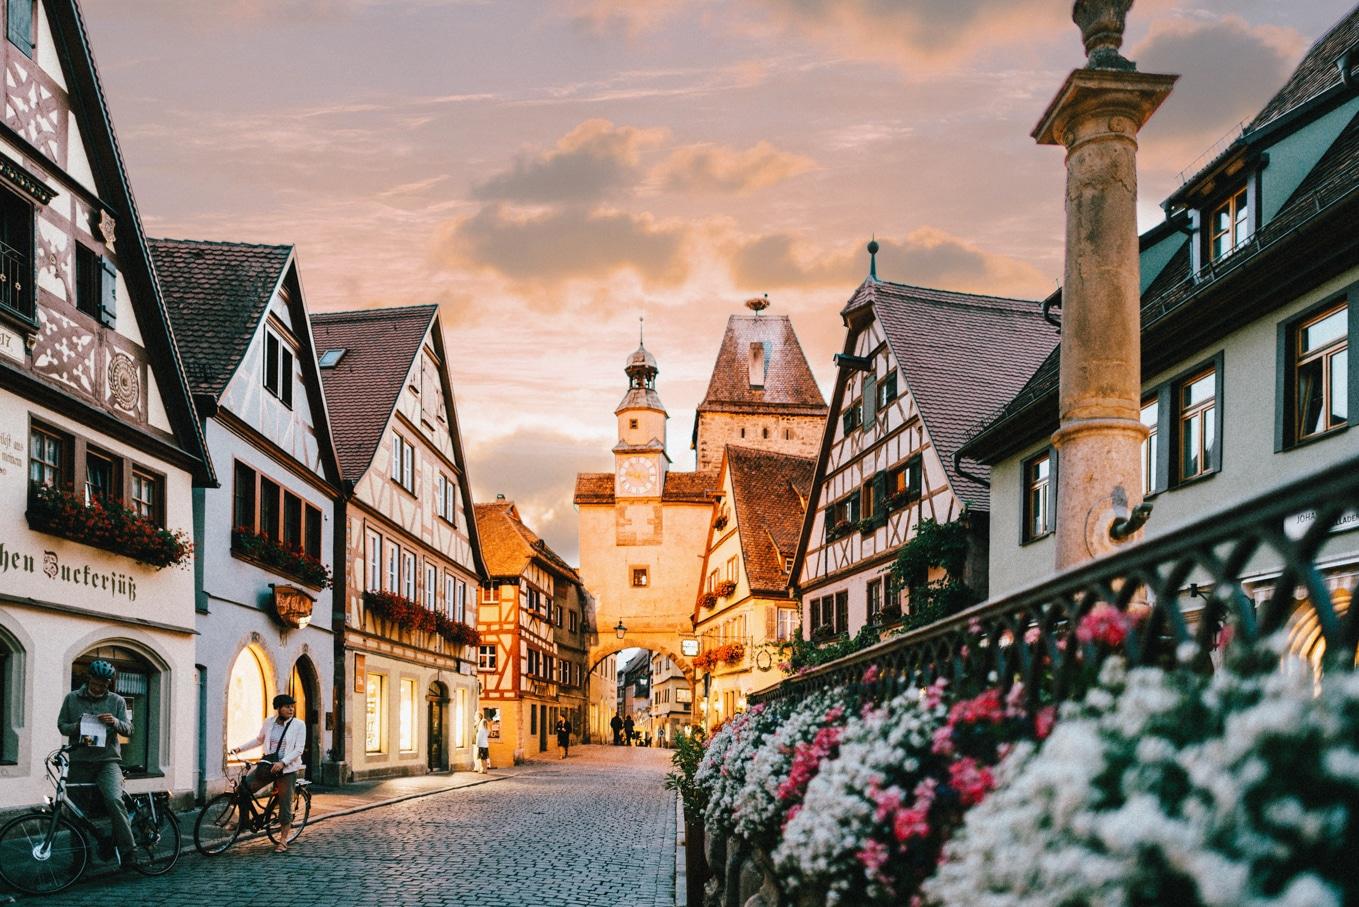 Roadtrip durch Süddeutschland: Romantische Straße bis Würzburg